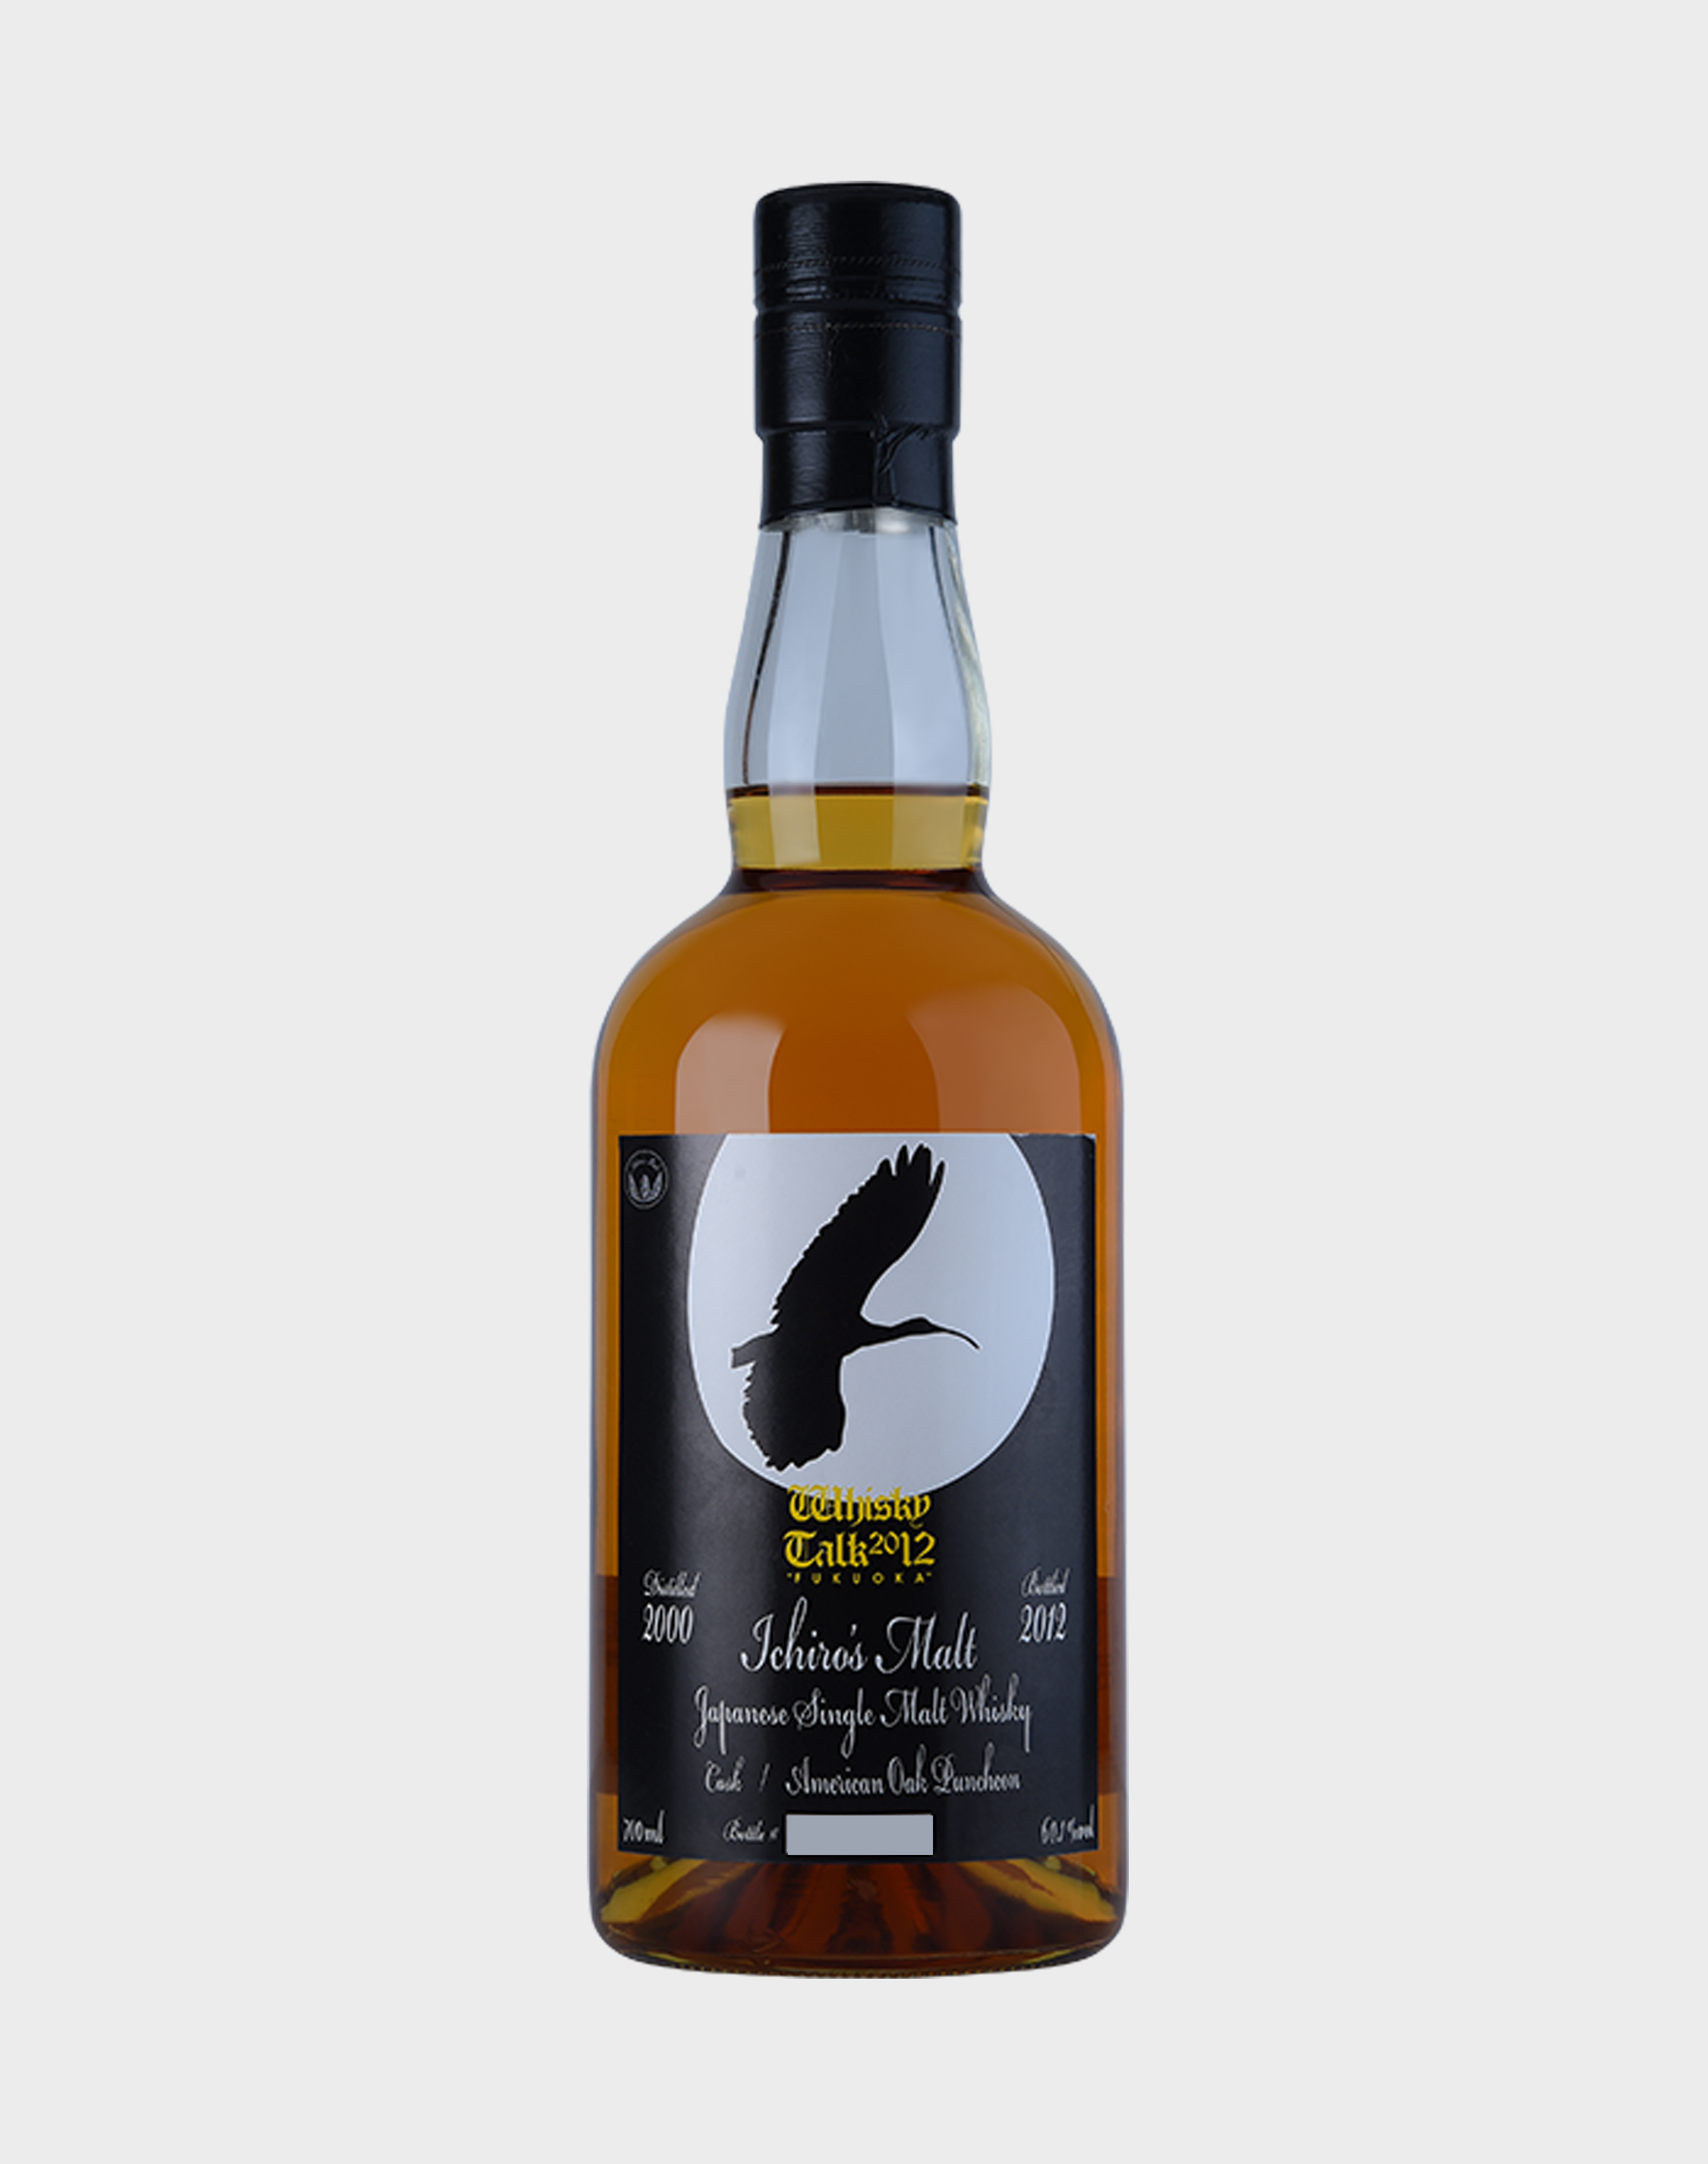 Ichiro's Malt Chichibu Whisky Talk 2012